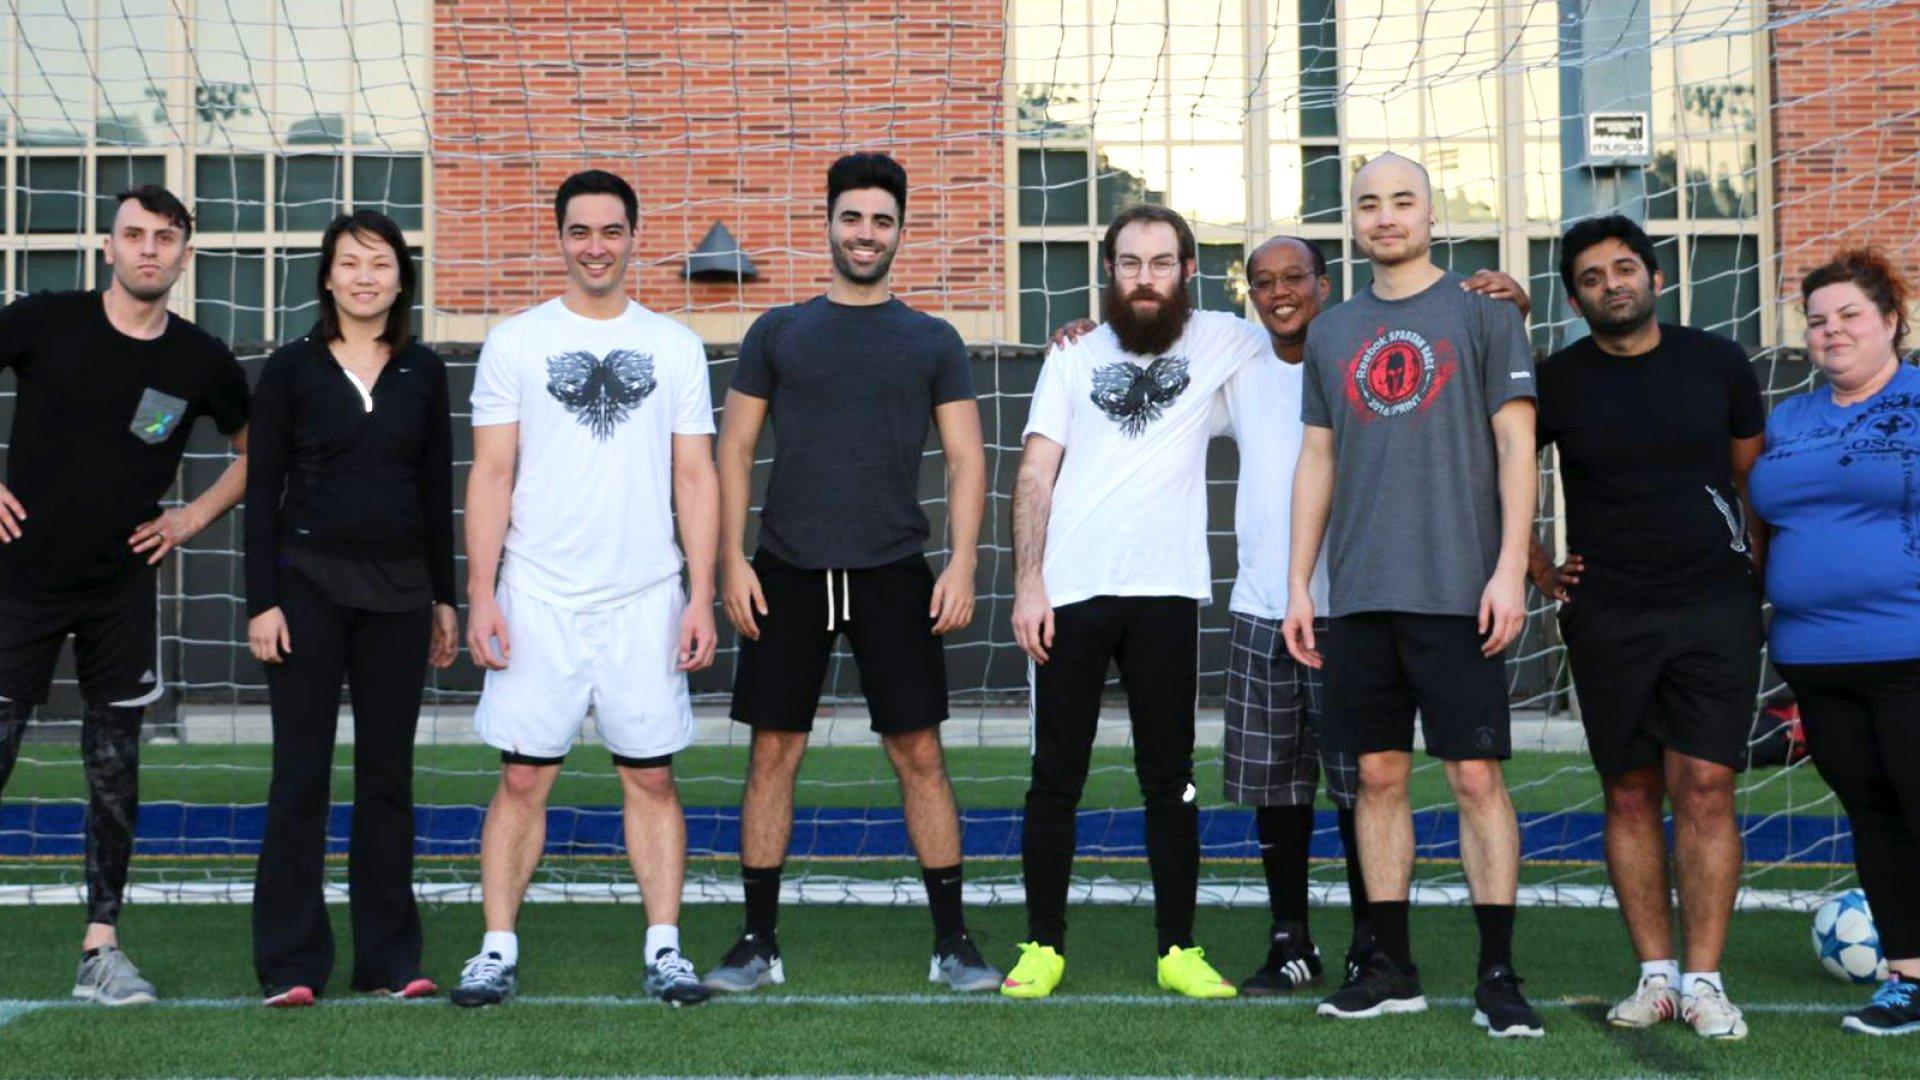 VideoAmp soccer team.